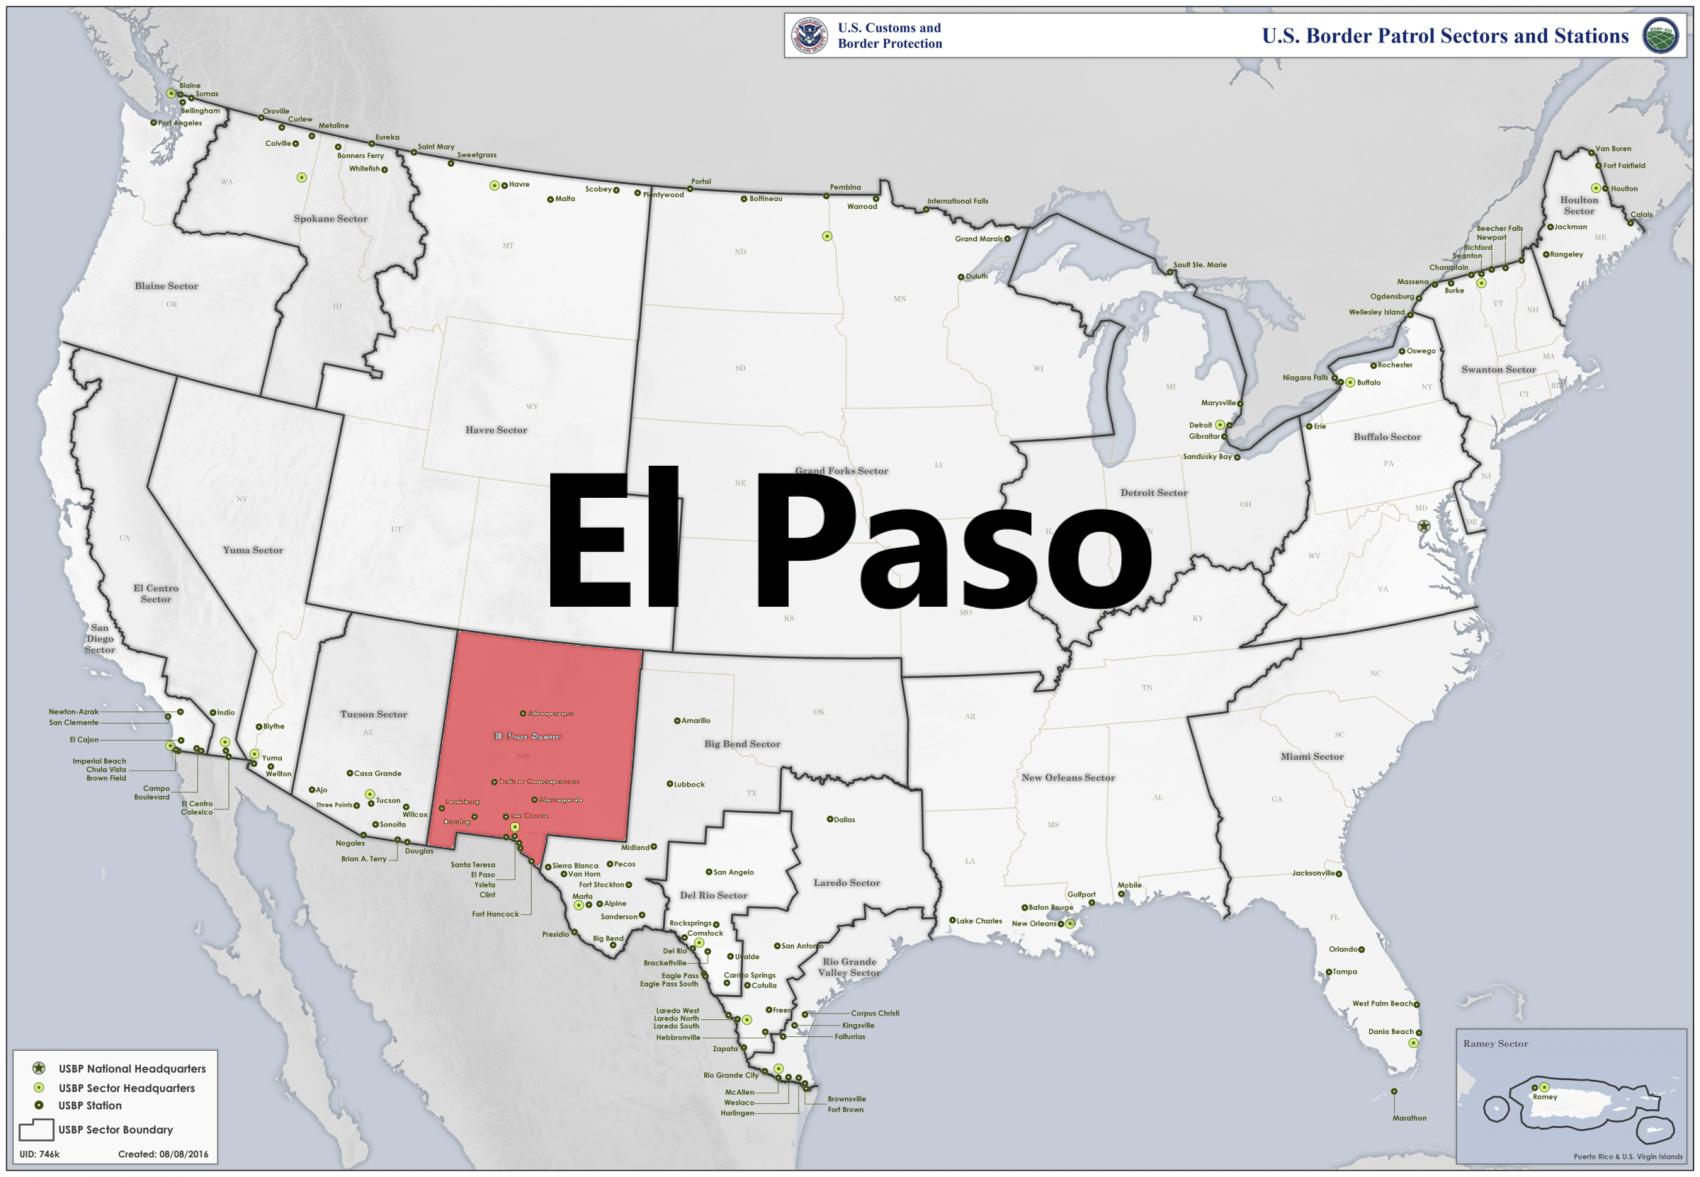 Border patrol sectors map - El Paso.png